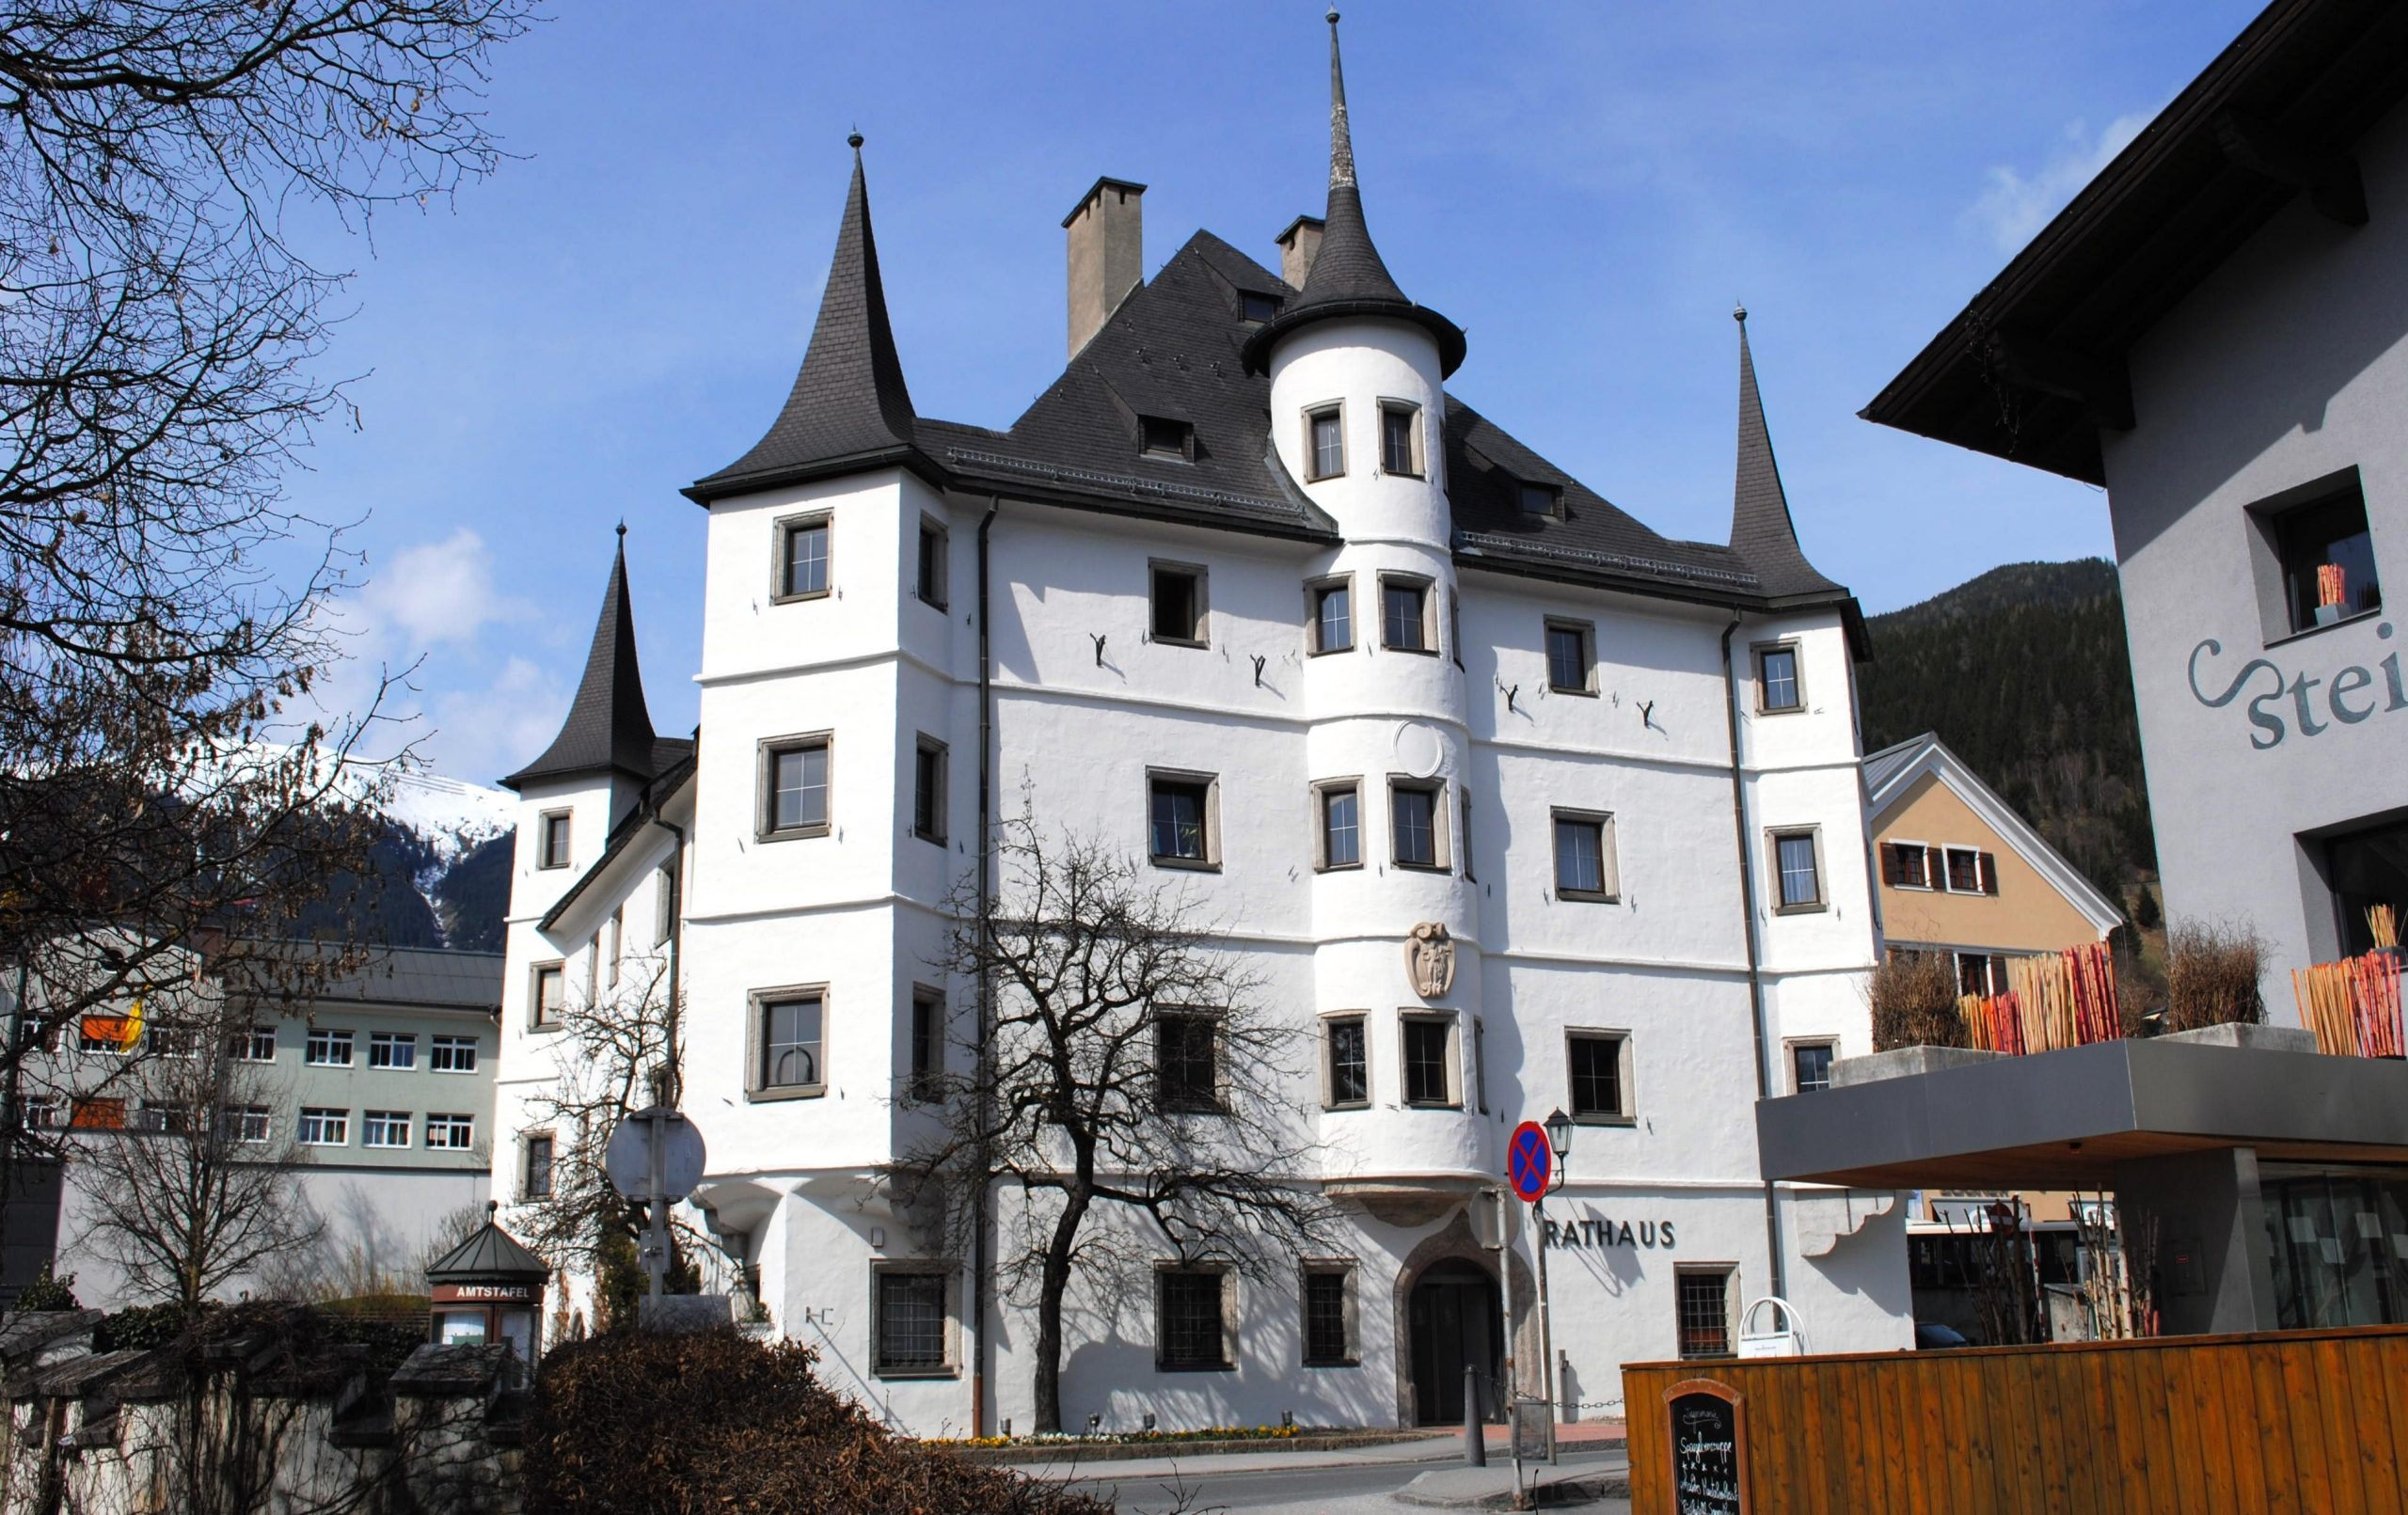 Castelul Rosenberg - Austria